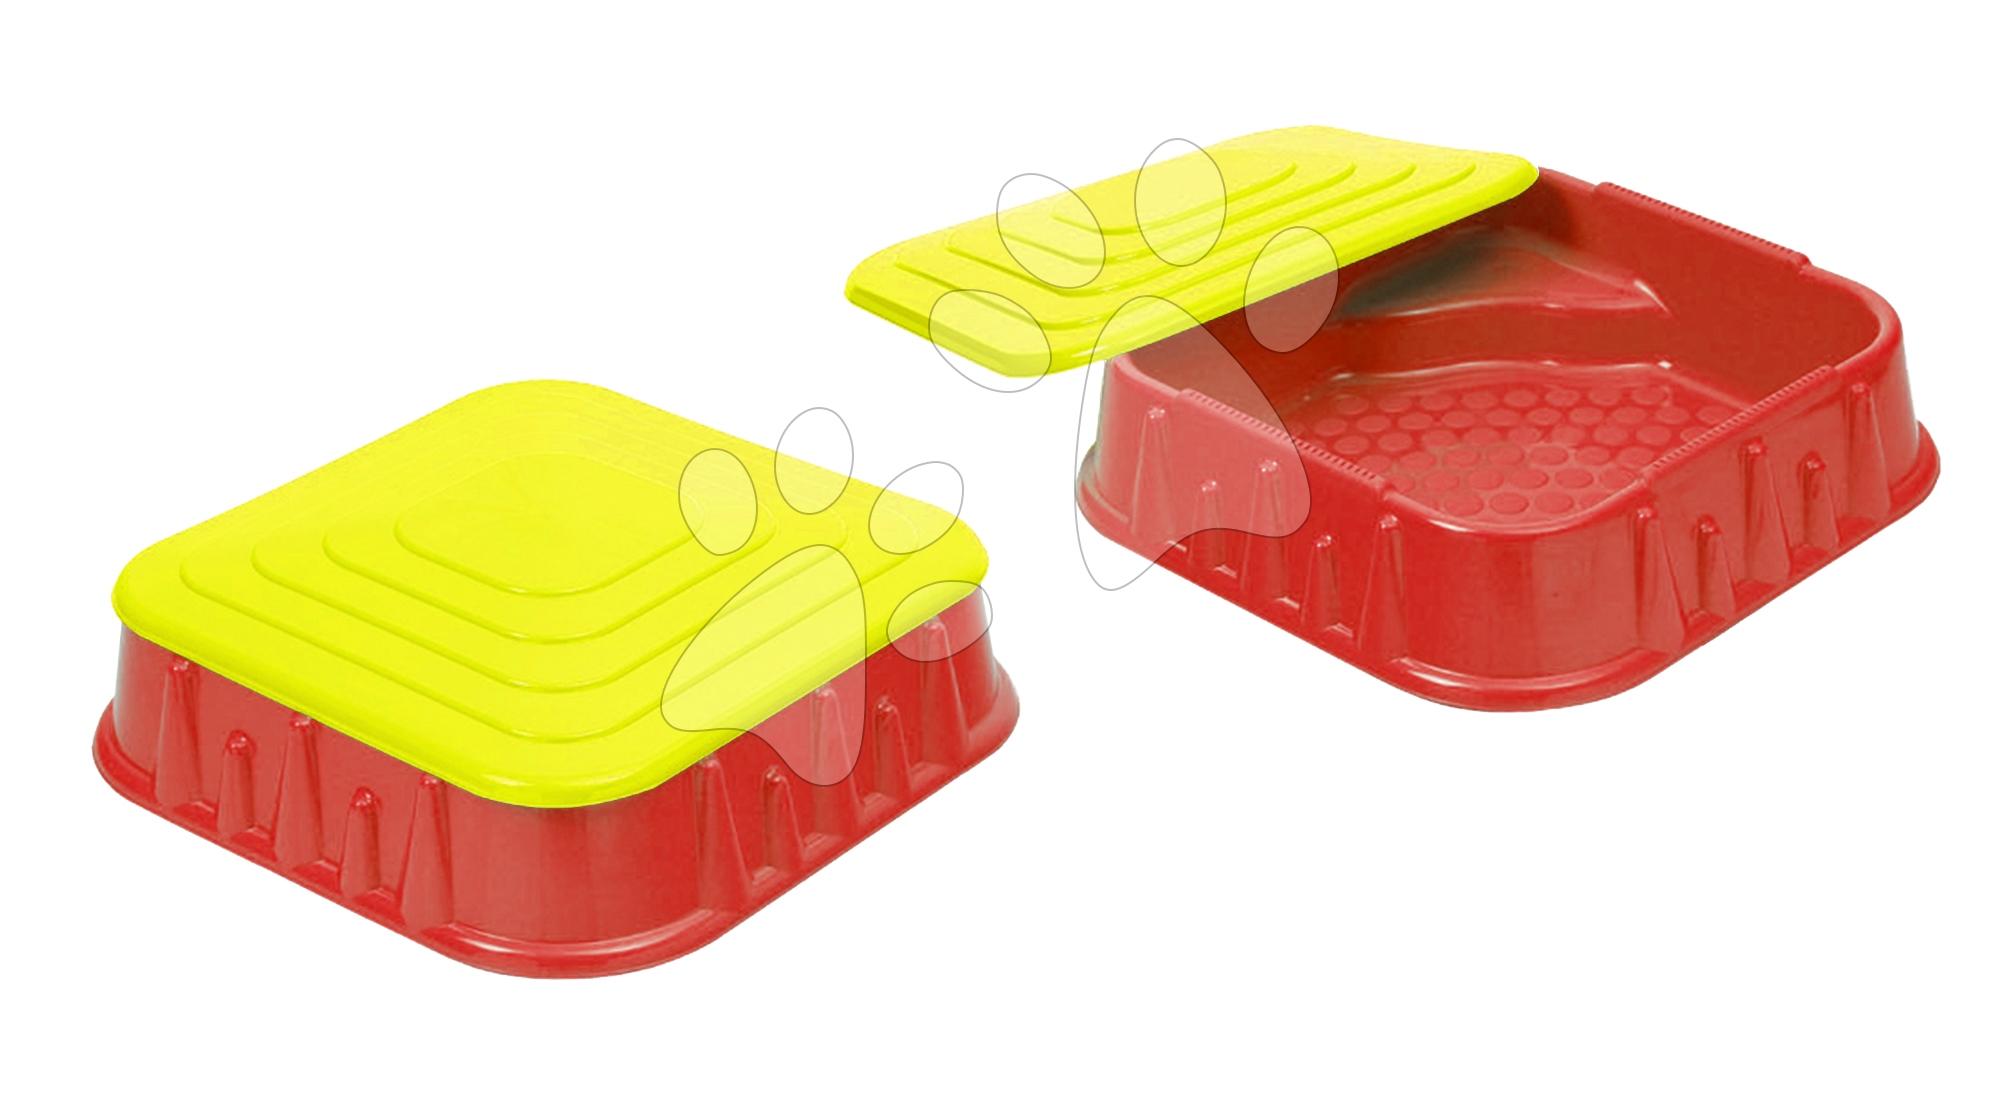 Pískoviště Starplast čtverec s krytem objem 60 litrů červeno-žluté od 24 měsíců